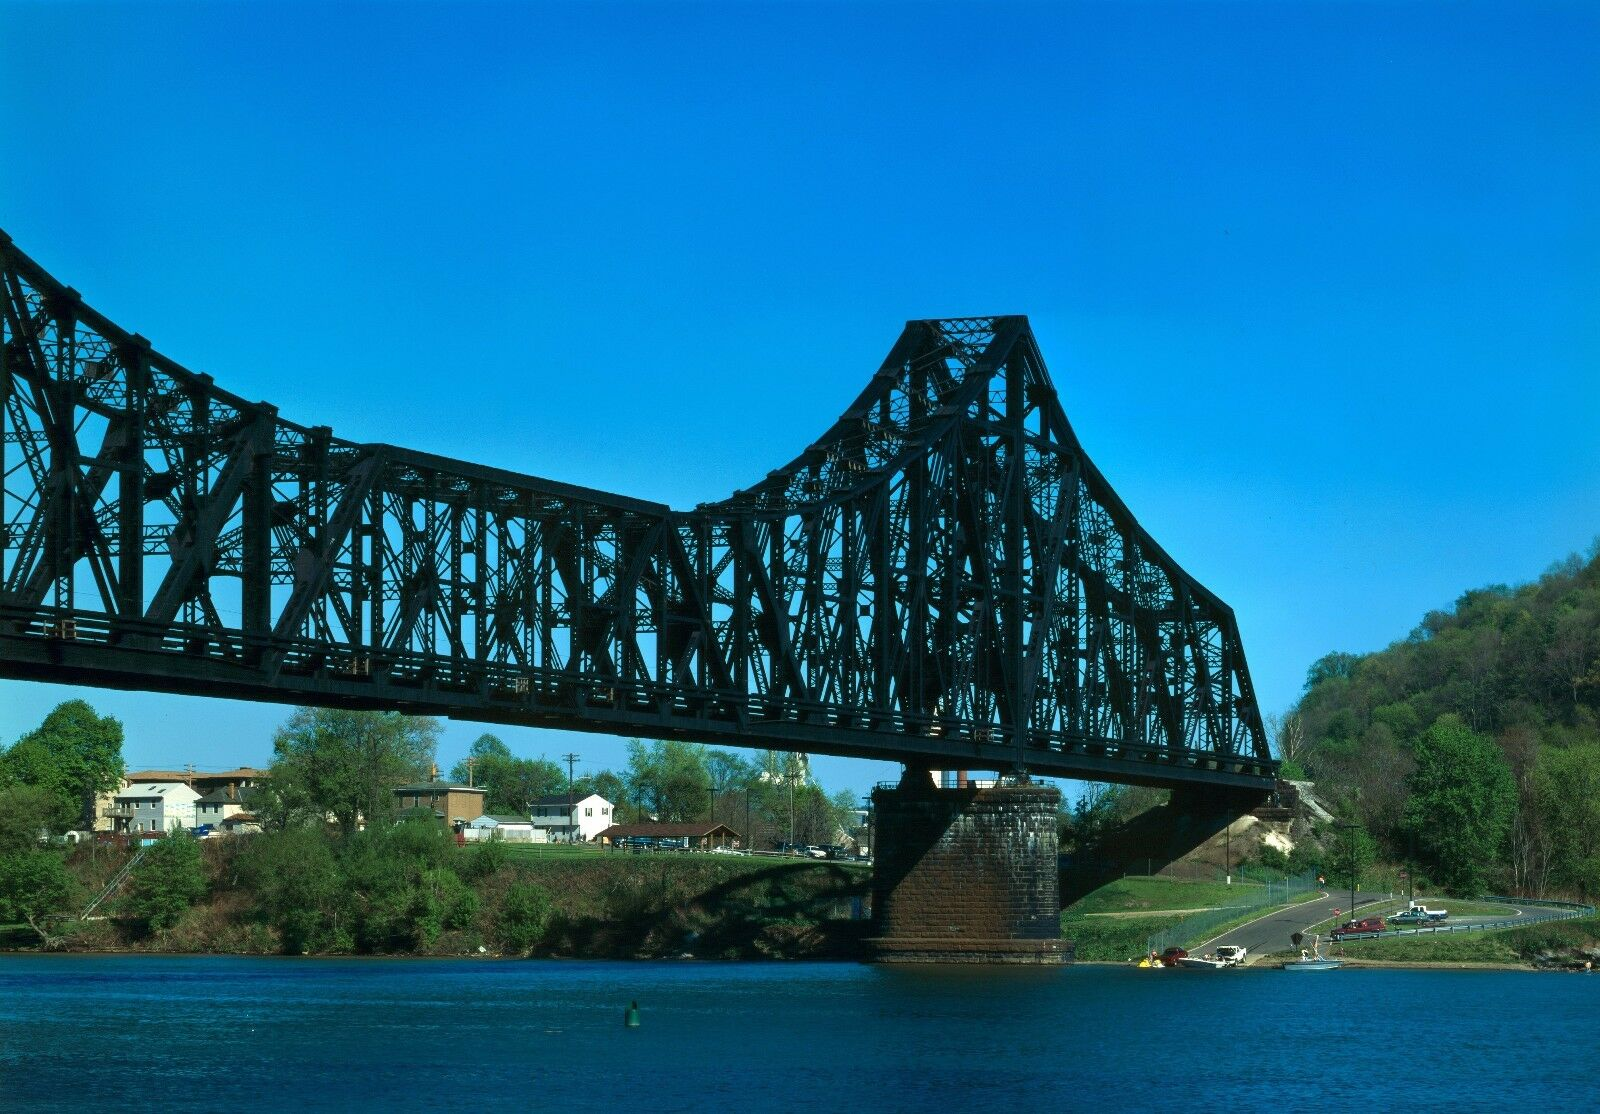 P&LE Bridge, Bridge, Bridge, Cantilever design, HO gauge L.E. Assembled with base NEW  Sale e5f0bd